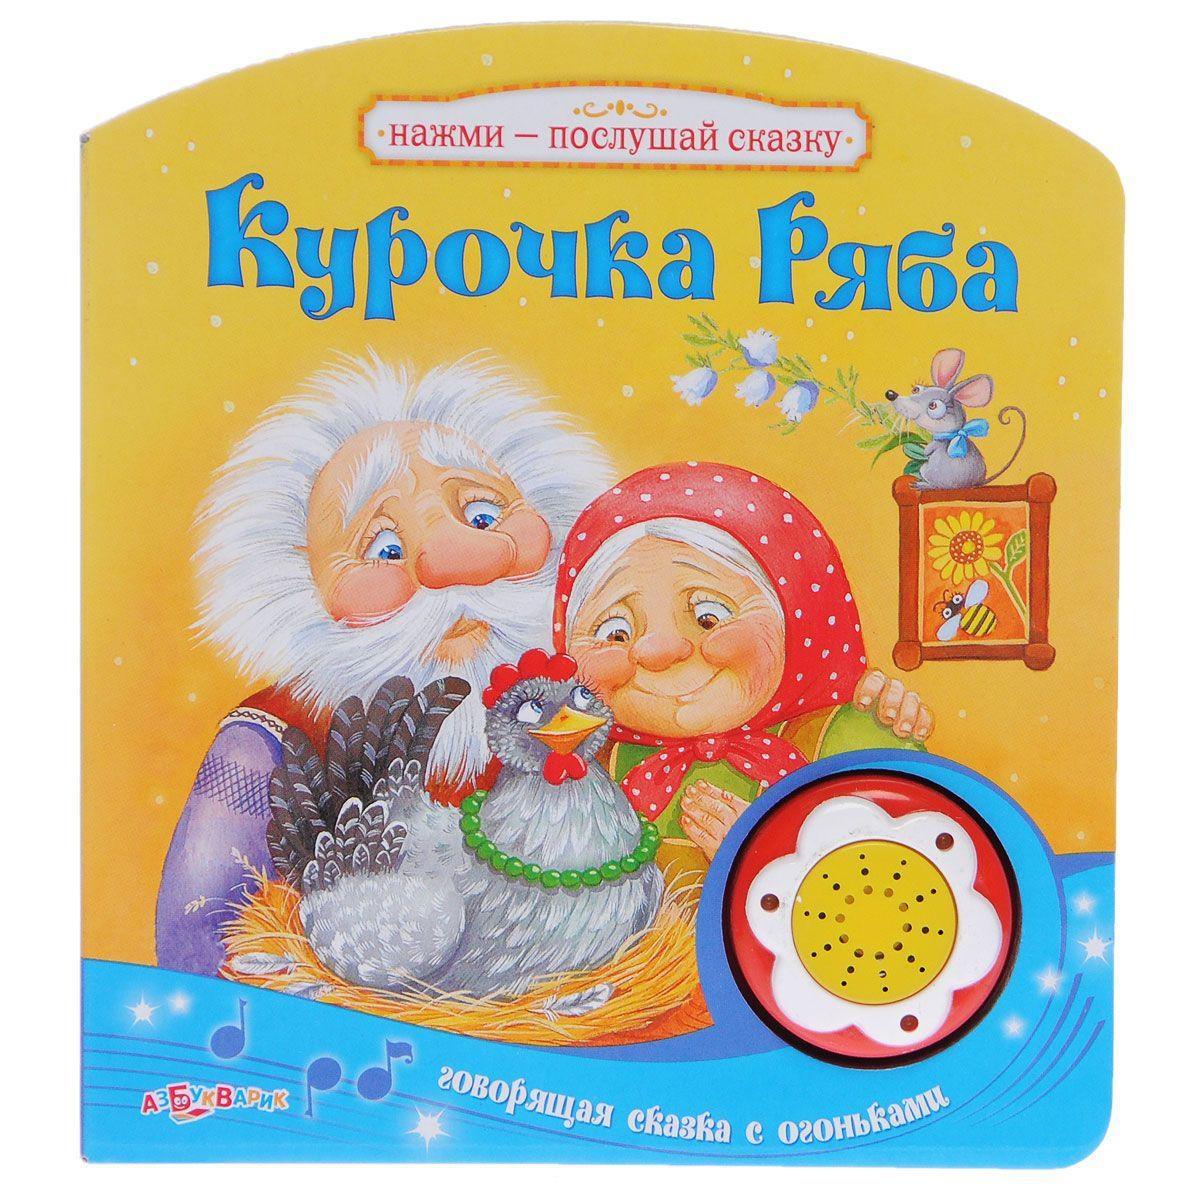 Книга «Курочка Ряба» из серии «Нажми-послушай сказку»Детские сказки - нажми и послушай<br>Книга «Курочка Ряба» из серии «Нажми-послушай сказку»<br>